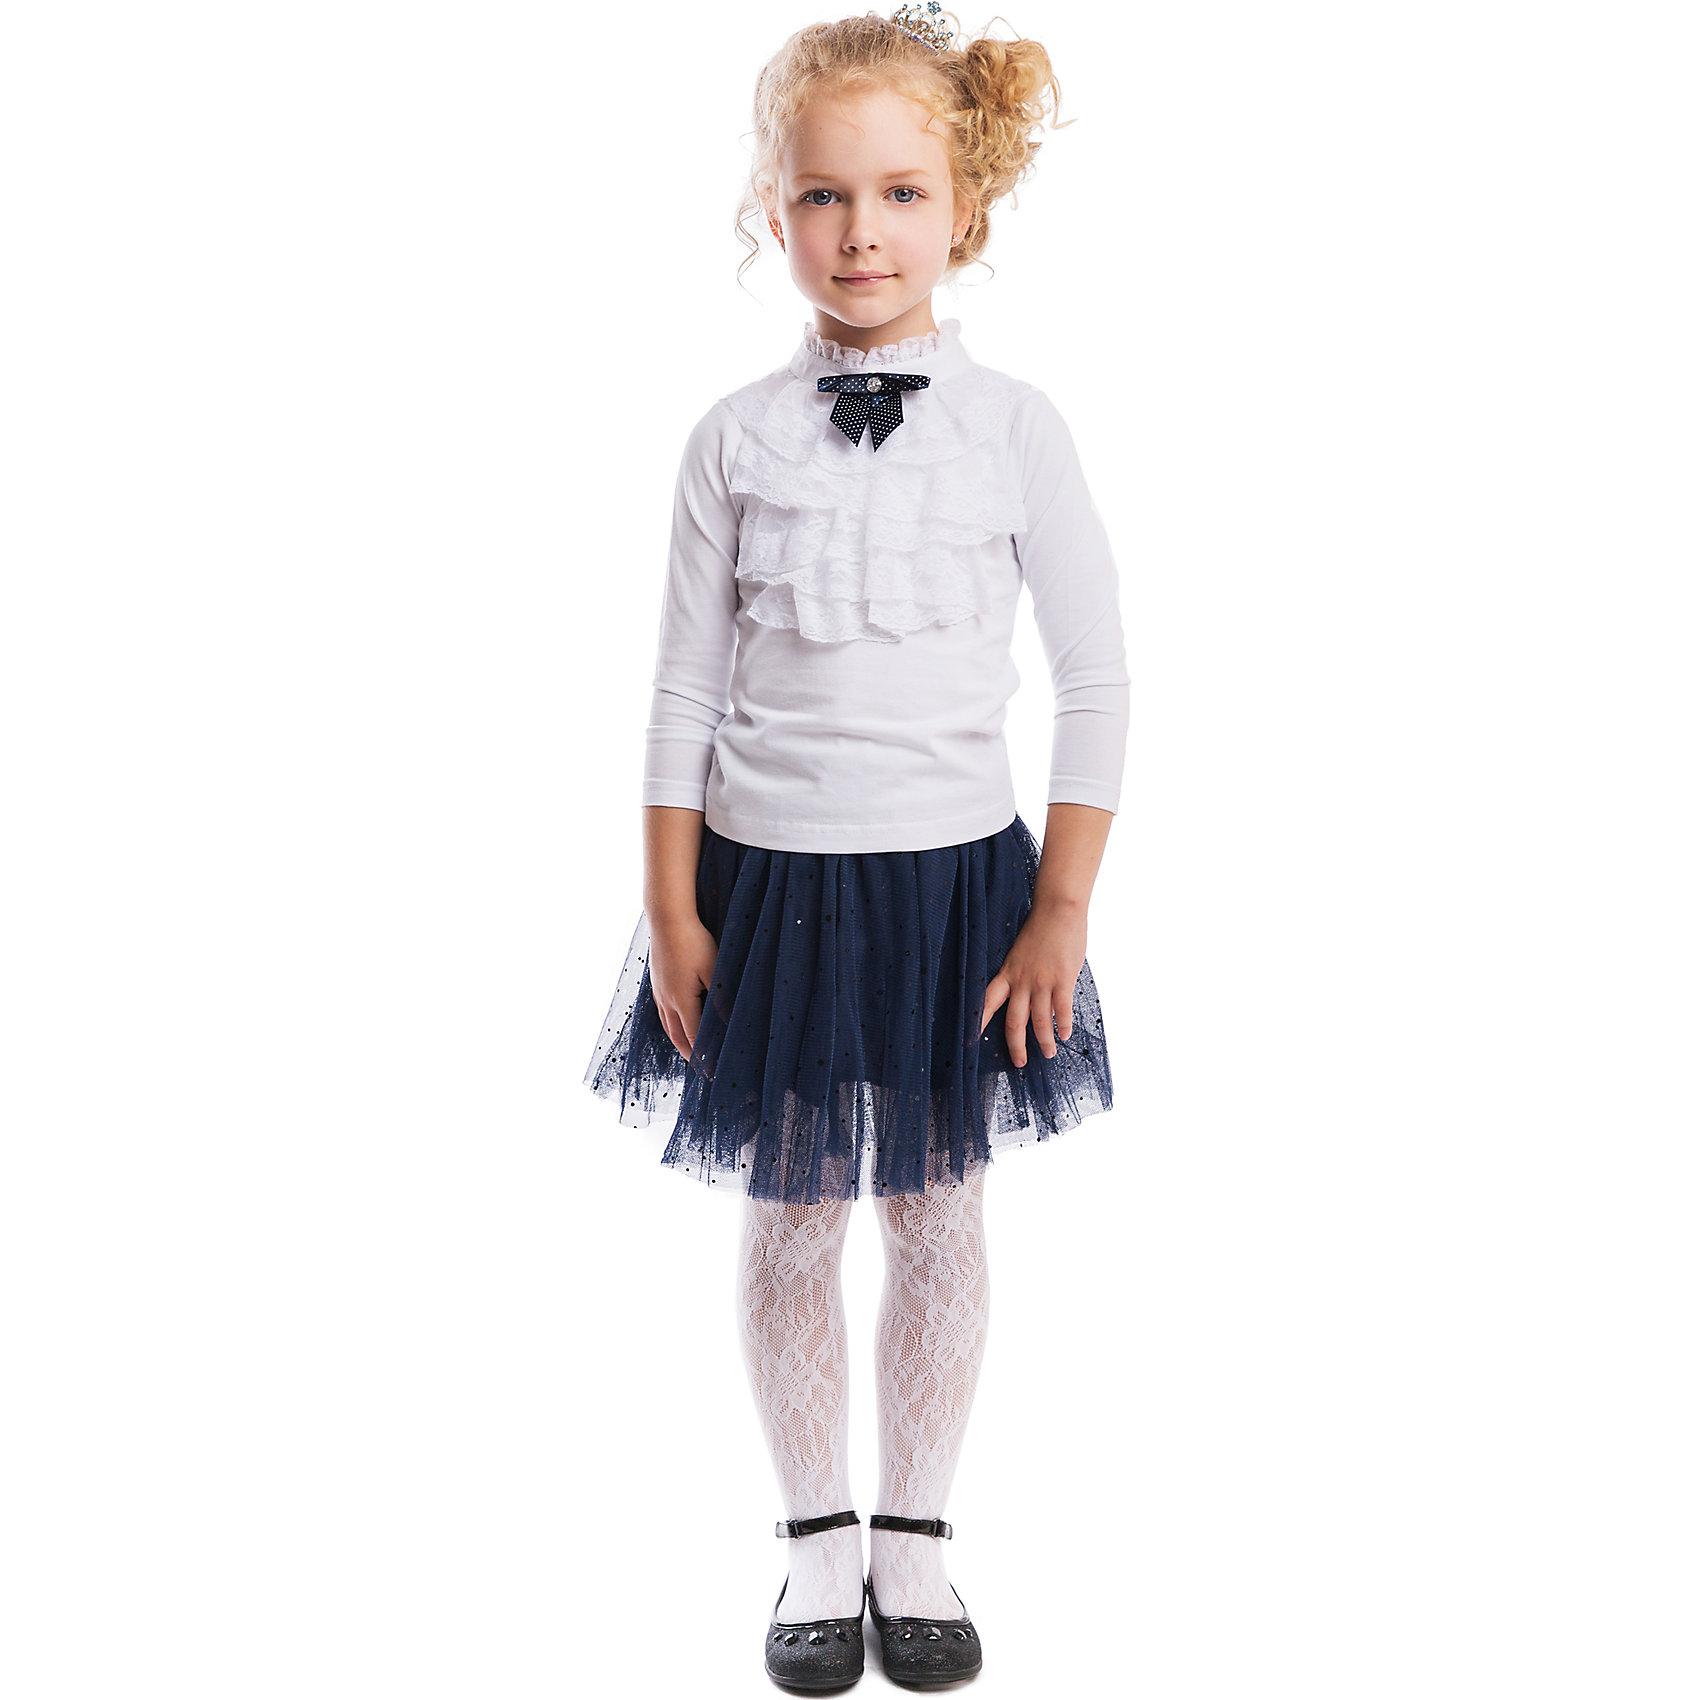 Блузка для девочки PlayTodayБлузка для девочки PlayToday <br><br>Состав: 95% хлопок, 5% эластан <br><br>Трогательная и женственная кофточка - будто со страниц романа про Джейн Эйр. <br>Кружевной воротничок и синий бант в горошек добавляют кокетства. <br>Рукава длинные, сзади блестящая пуговка и маленький вырез капелькой.<br><br>Ширина мм: 186<br>Глубина мм: 87<br>Высота мм: 198<br>Вес г: 197<br>Цвет: белый<br>Возраст от месяцев: 24<br>Возраст до месяцев: 36<br>Пол: Женский<br>Возраст: Детский<br>Размер: 98,104,128,116,122,110<br>SKU: 4305394